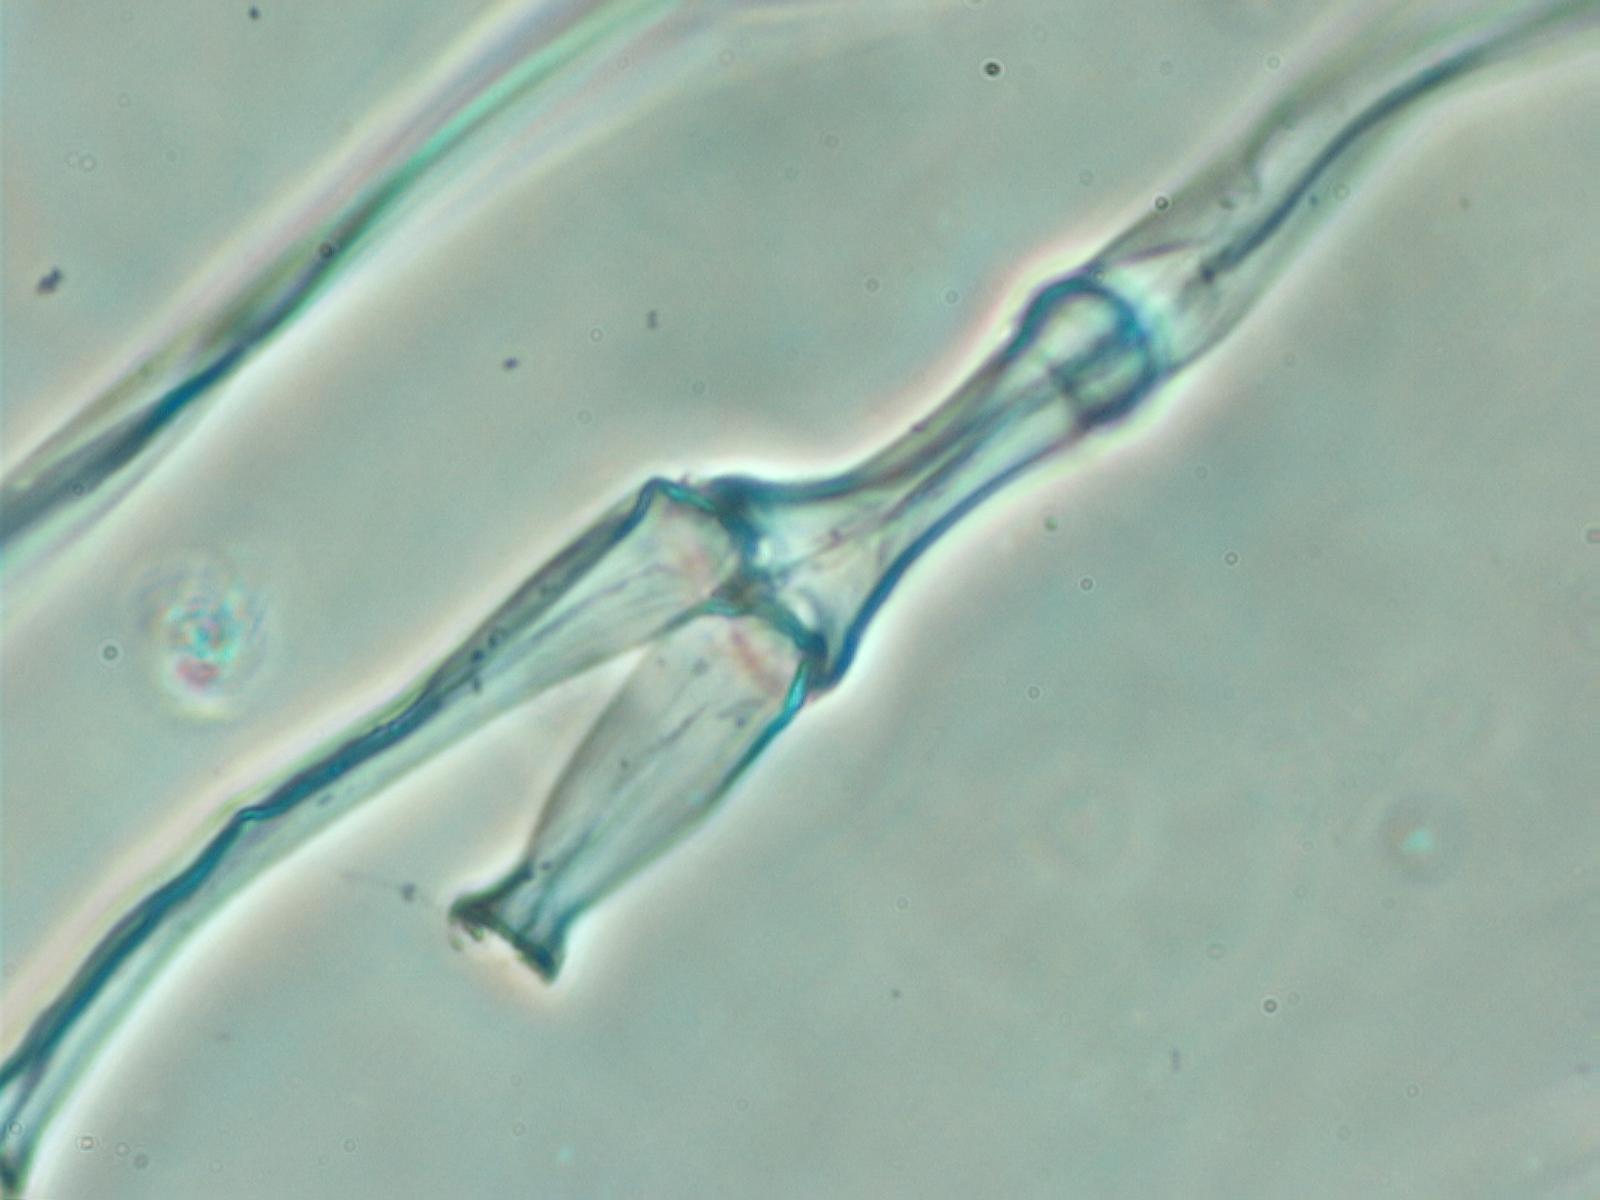 Cladophoria Algae Under the Microscope